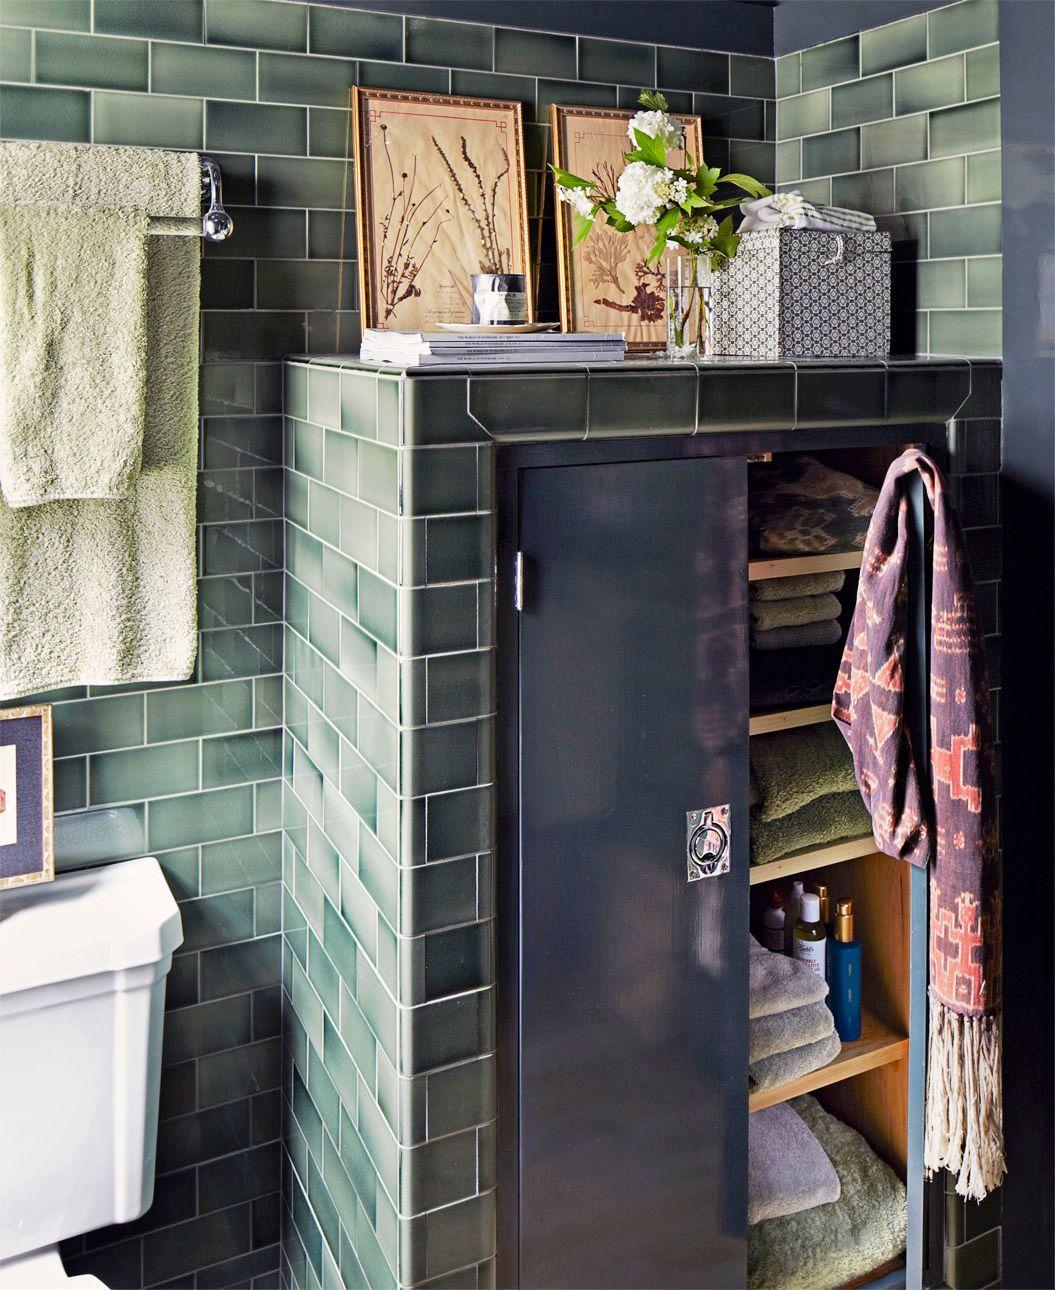 b19d60f69 30 DIY Storage Ideas - Easy Home Storage Solutions